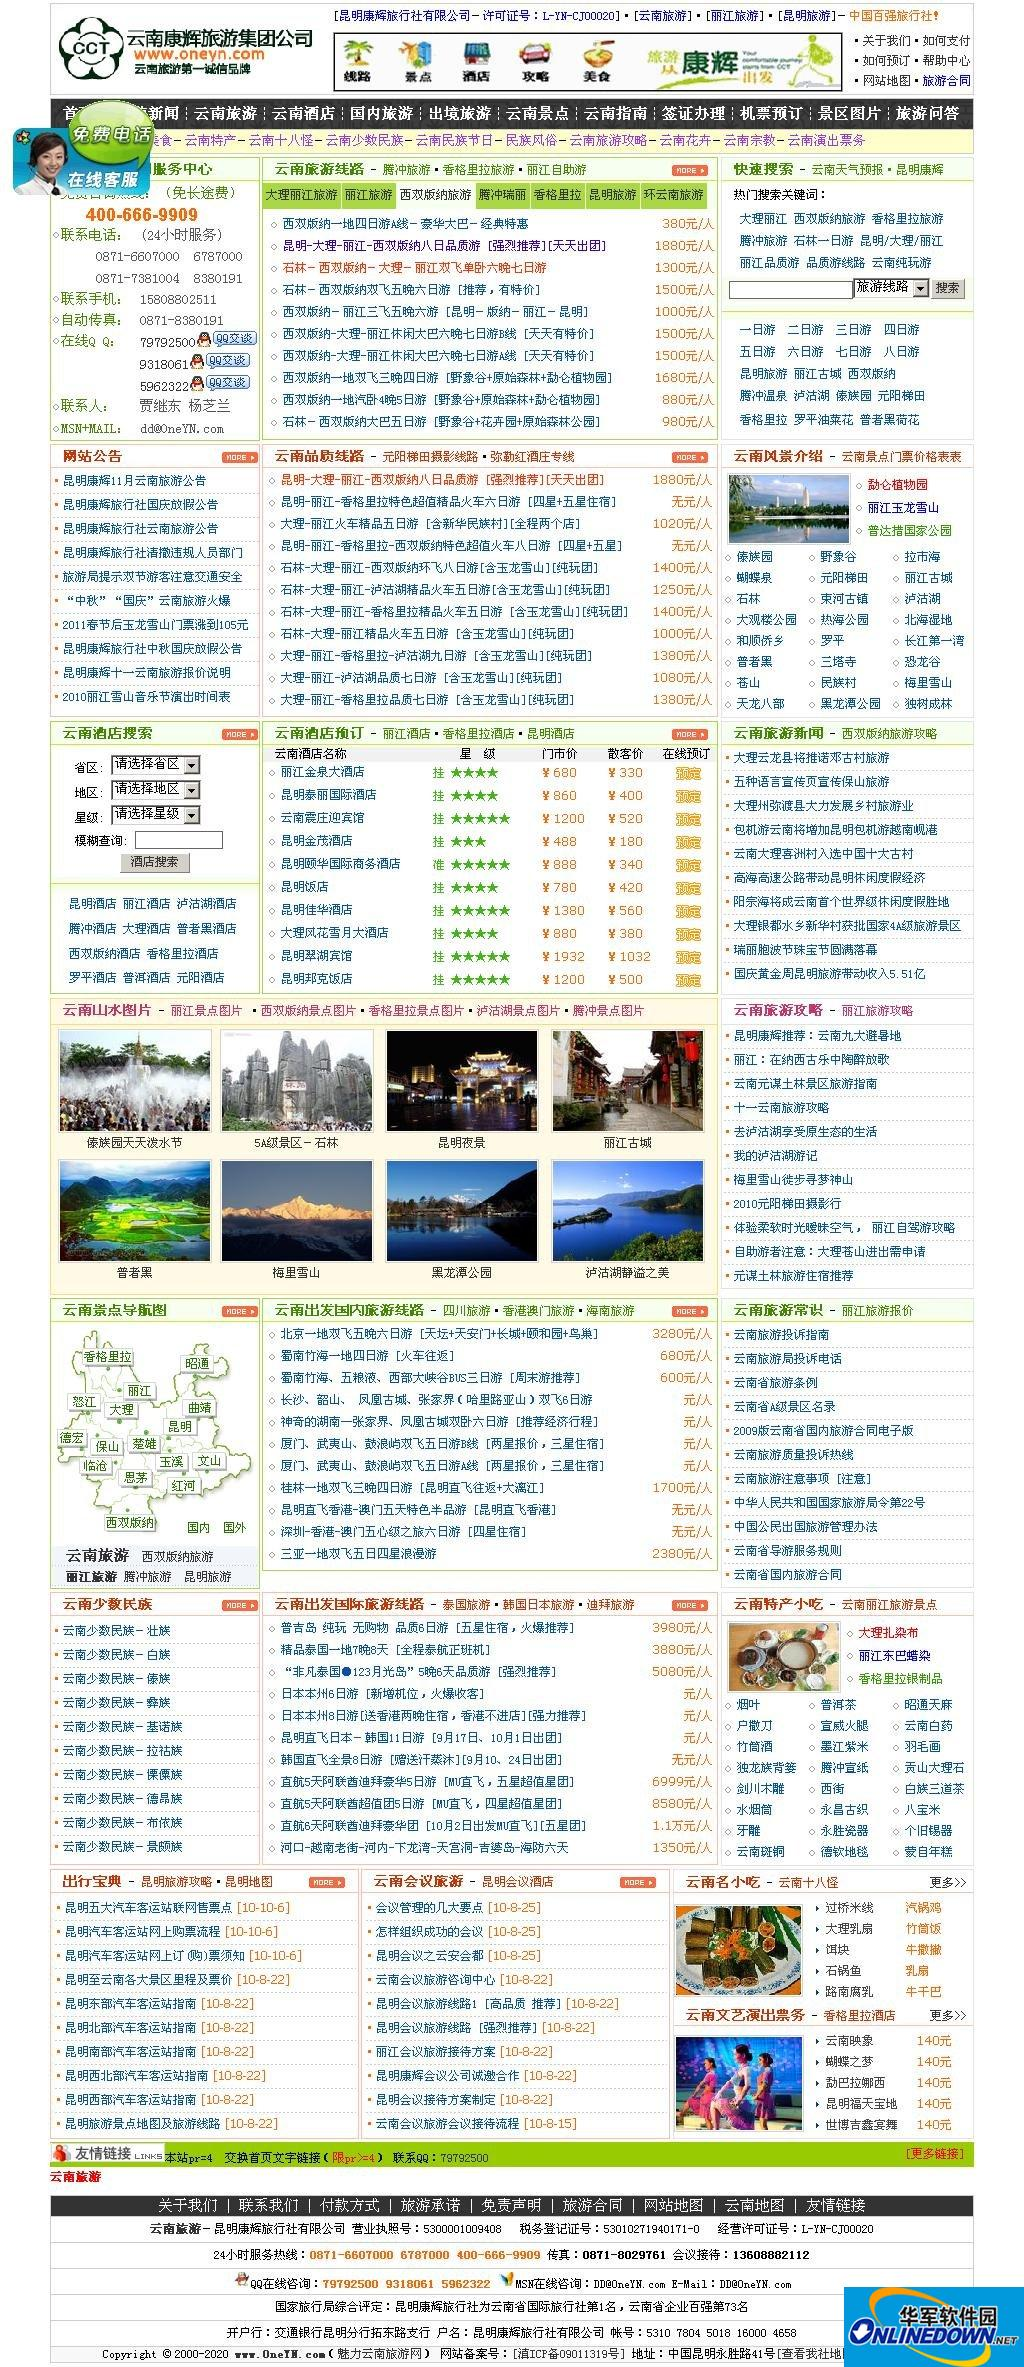 魅力云南旅游网全站